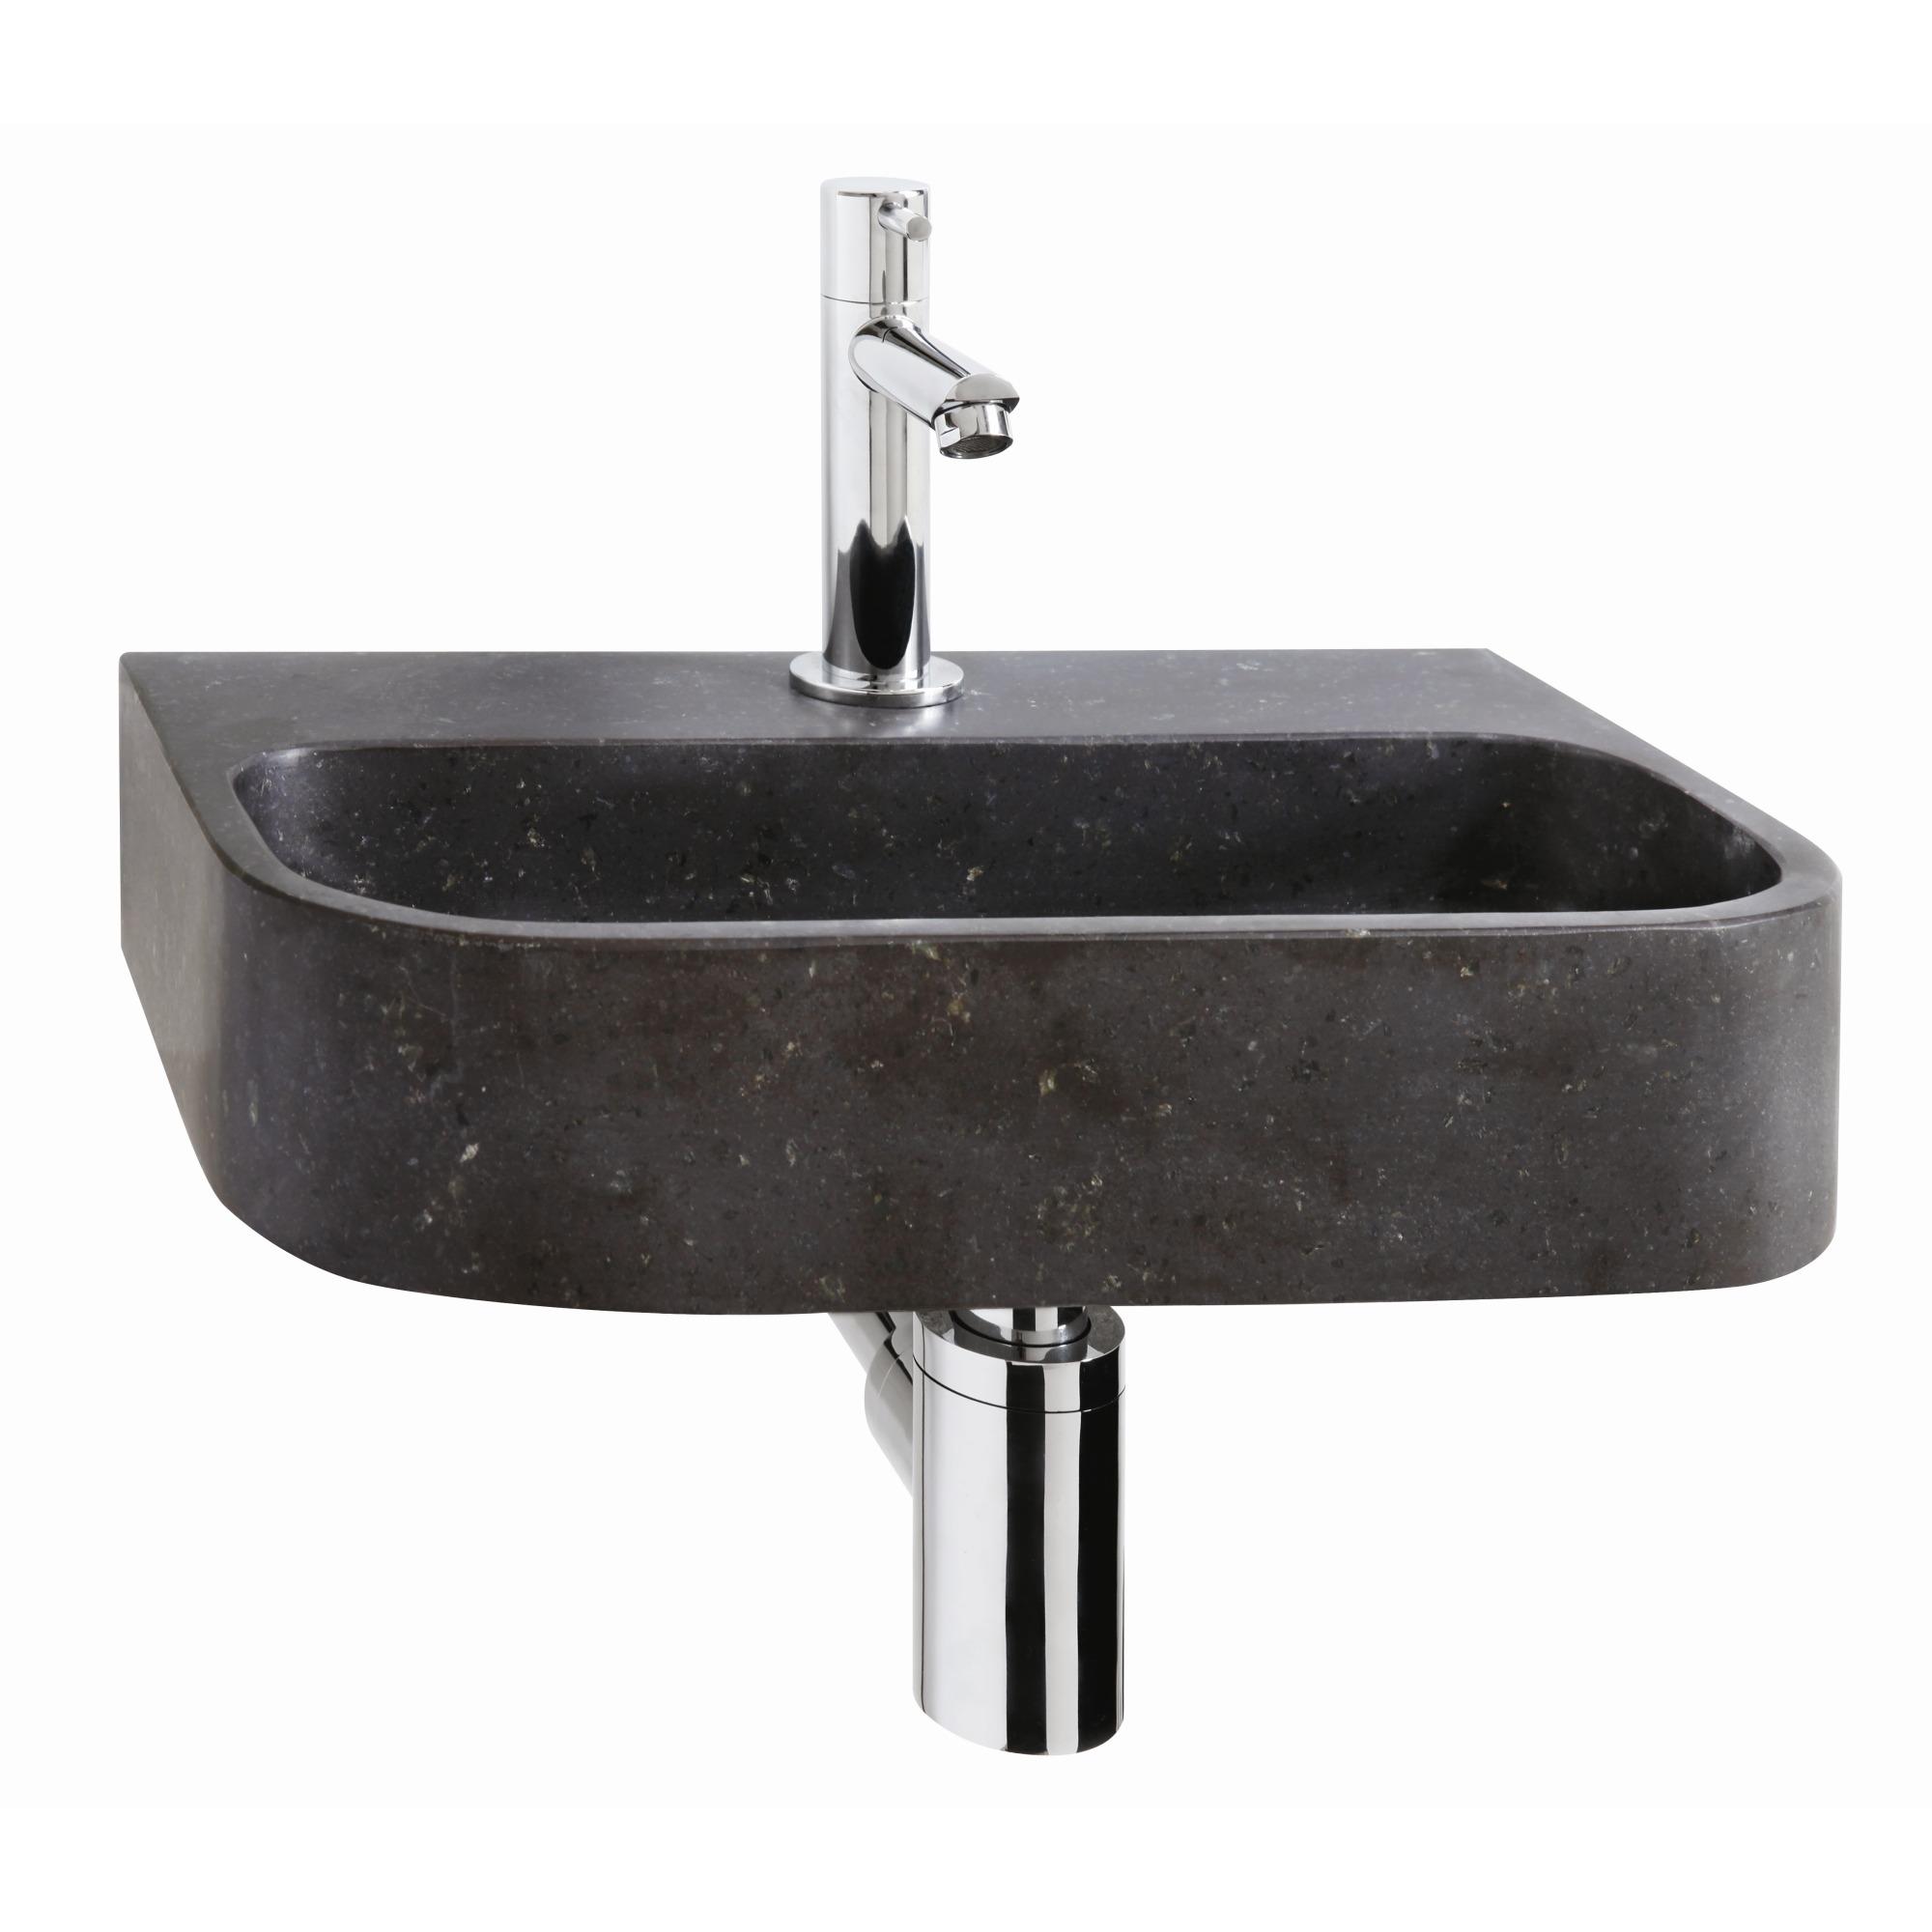 ensemble de lave mains ovale small pierre naturelle lave mains lavabos lave mains. Black Bedroom Furniture Sets. Home Design Ideas